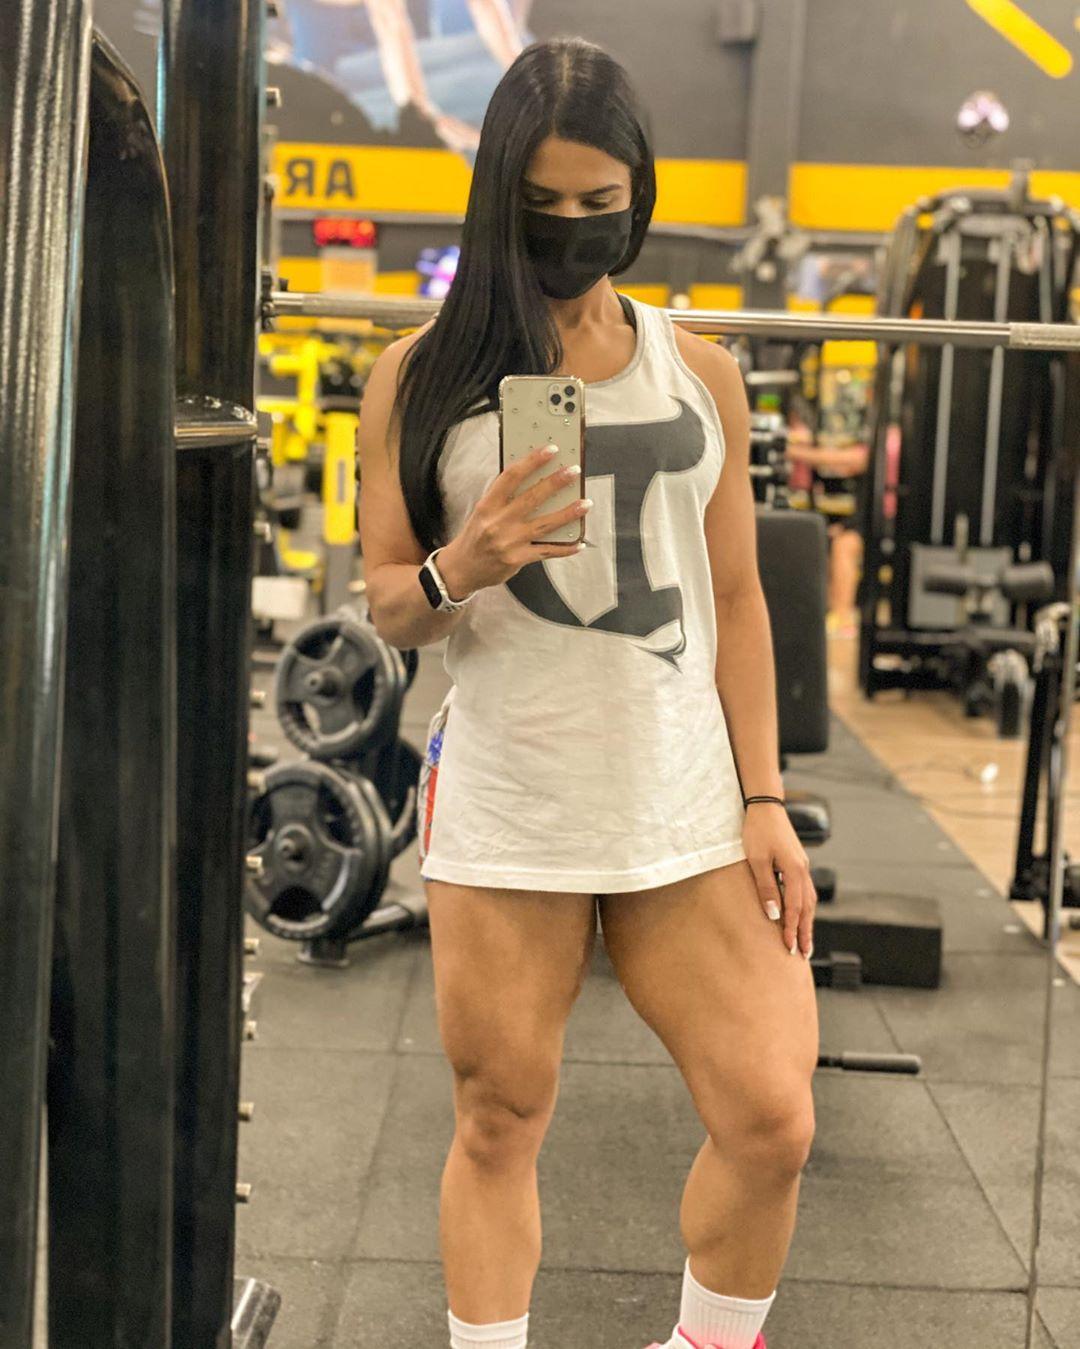 Eva Andressa Female Muscle Girls Similarly, she has beautiful dark. eva andressa female muscle girls